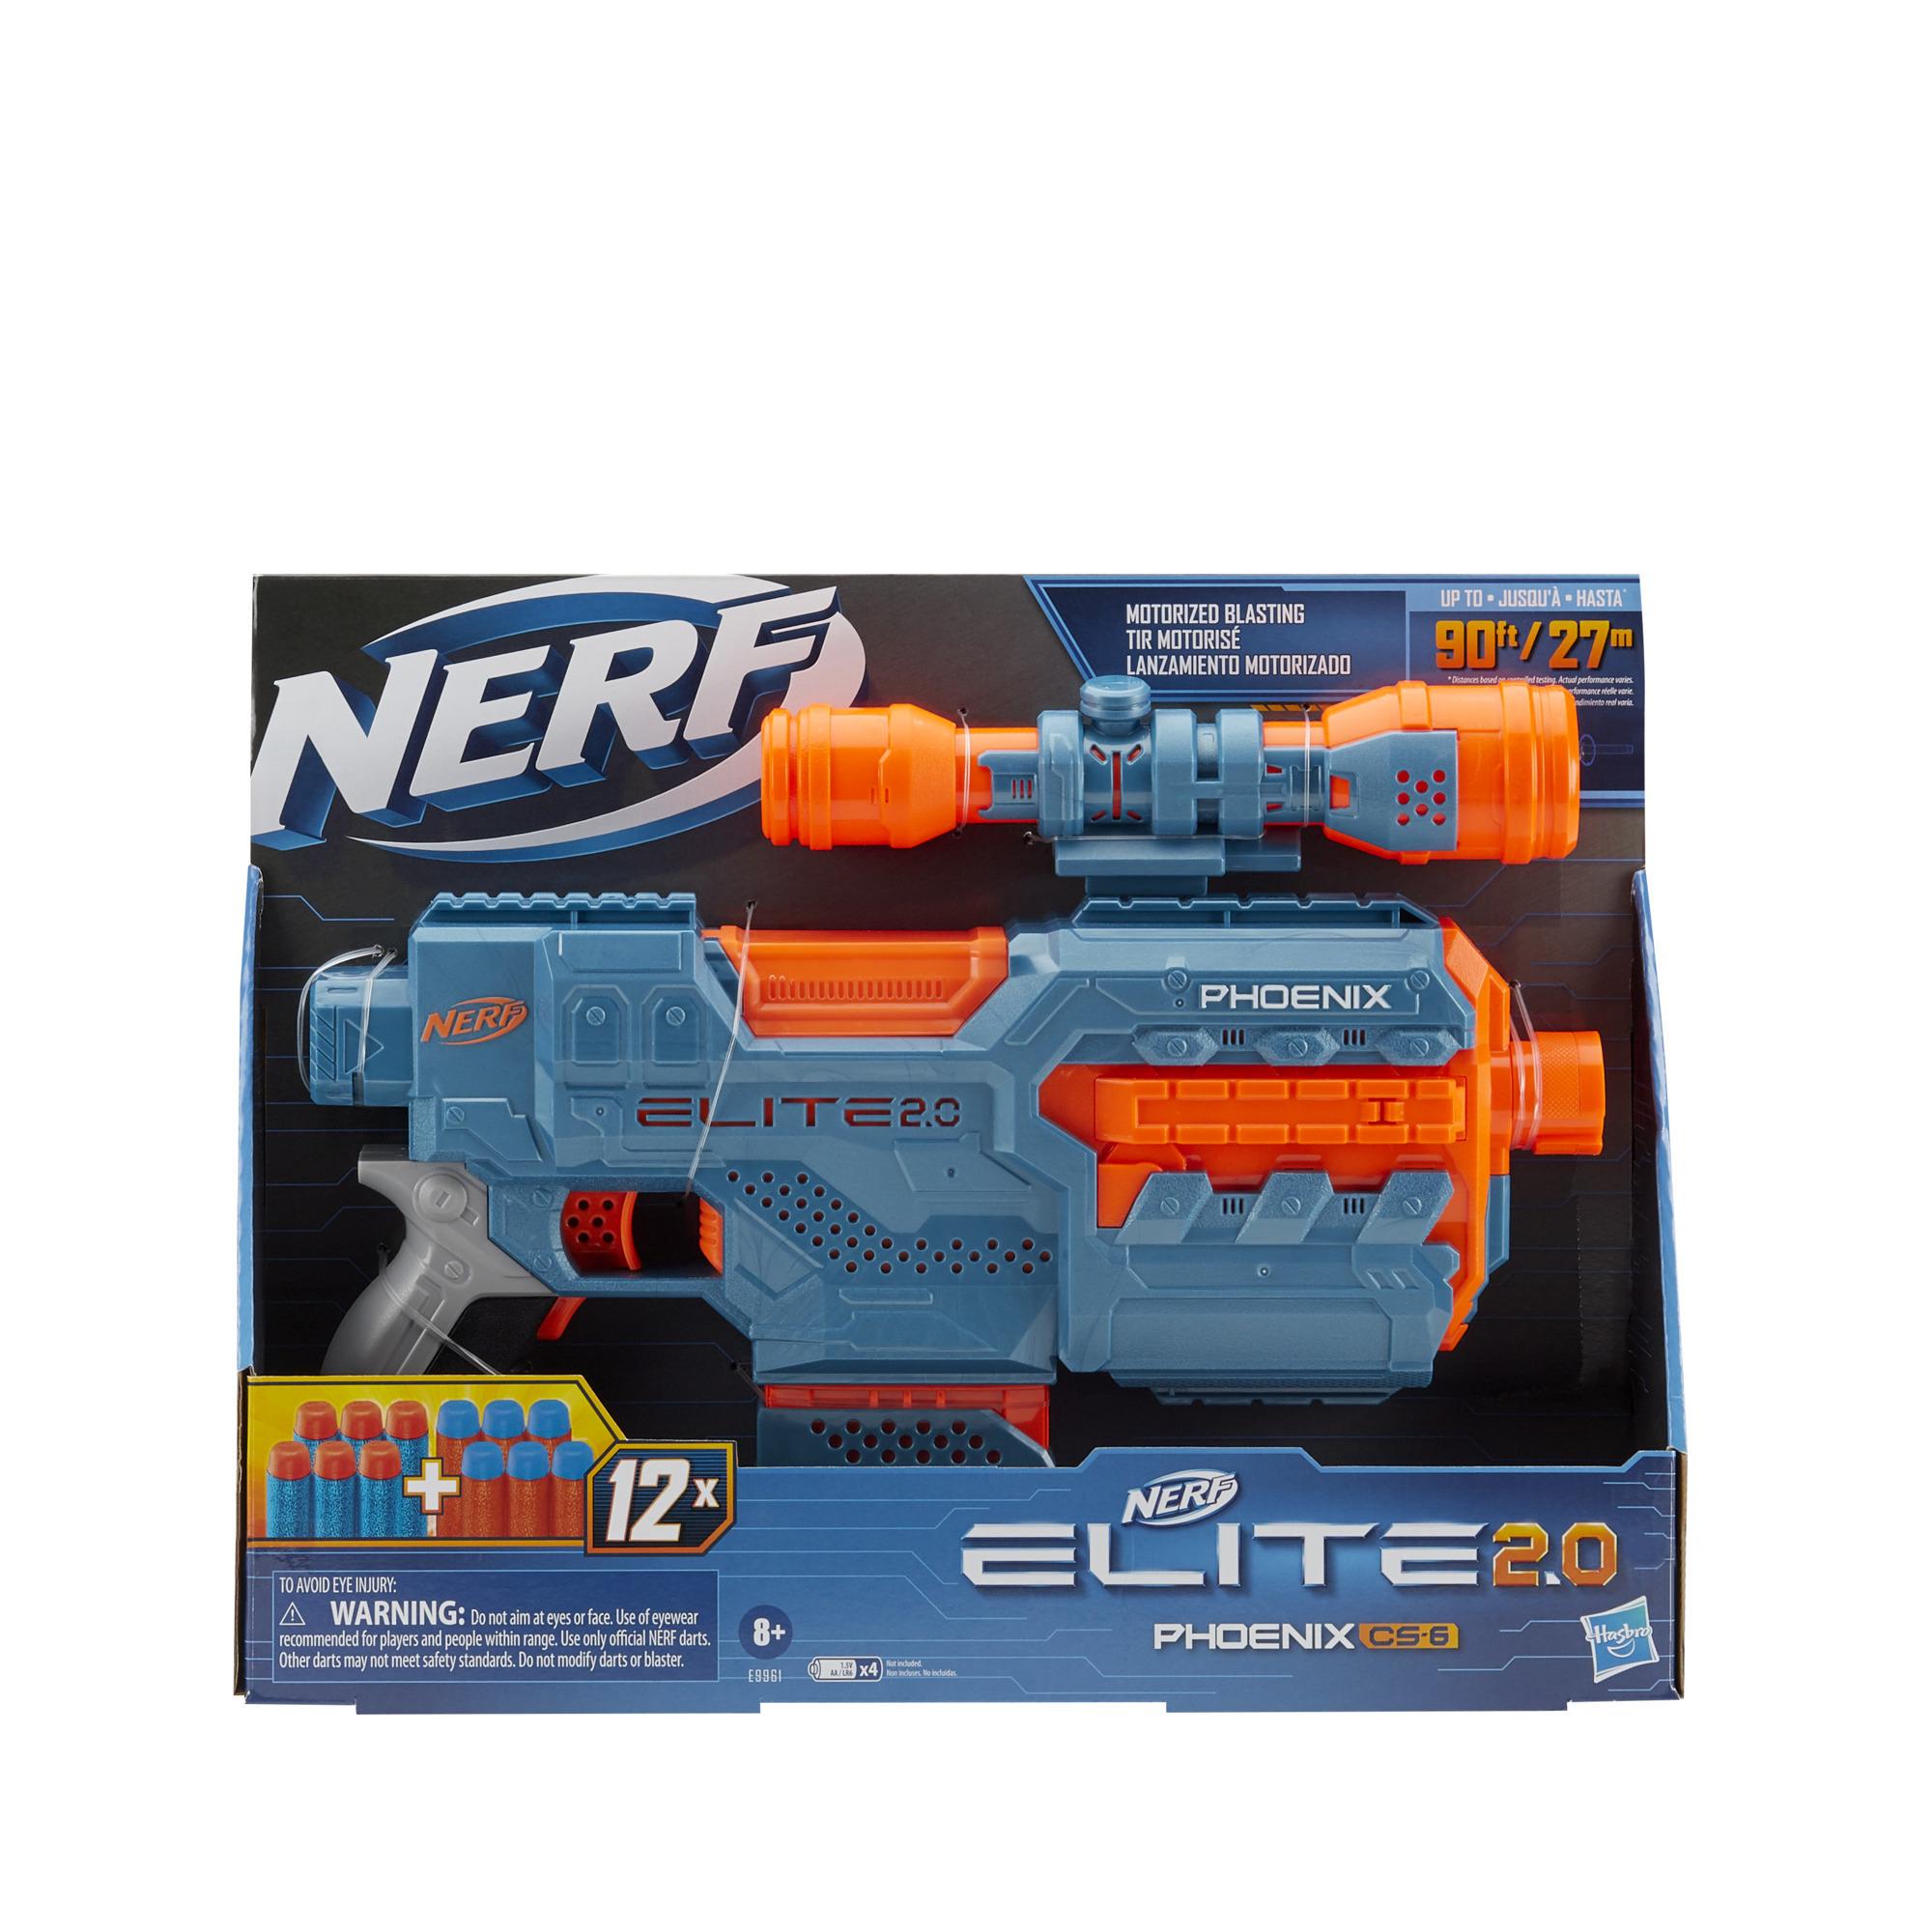 ナーフ エリート 2.0 フェニックス CS-6